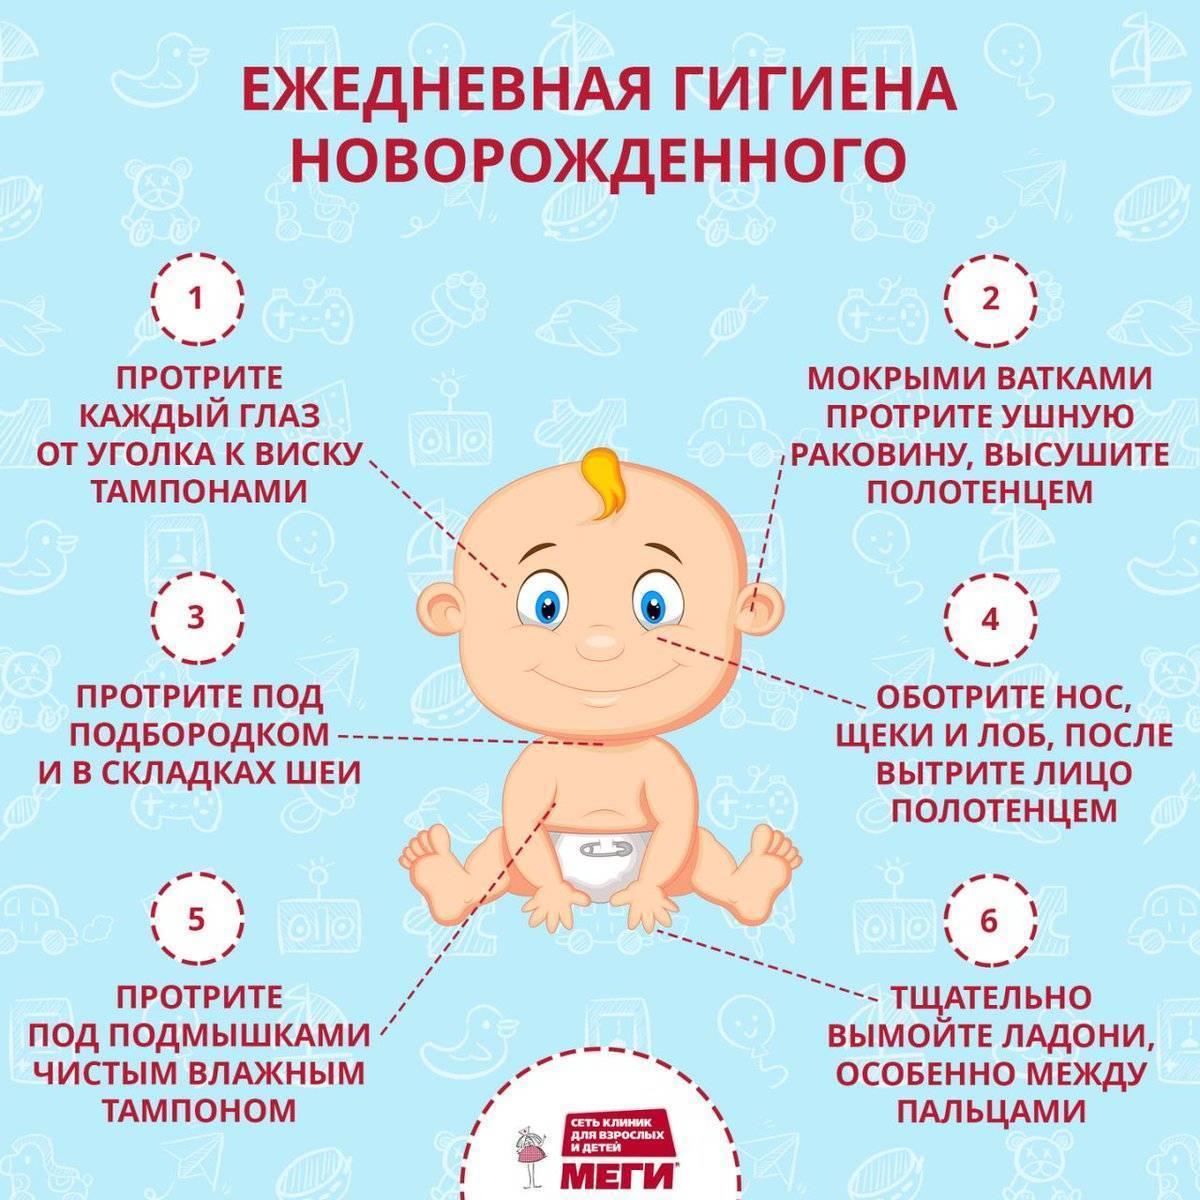 Утренний туалет новорожденного: алгоритм первичного и ежедневного ухода